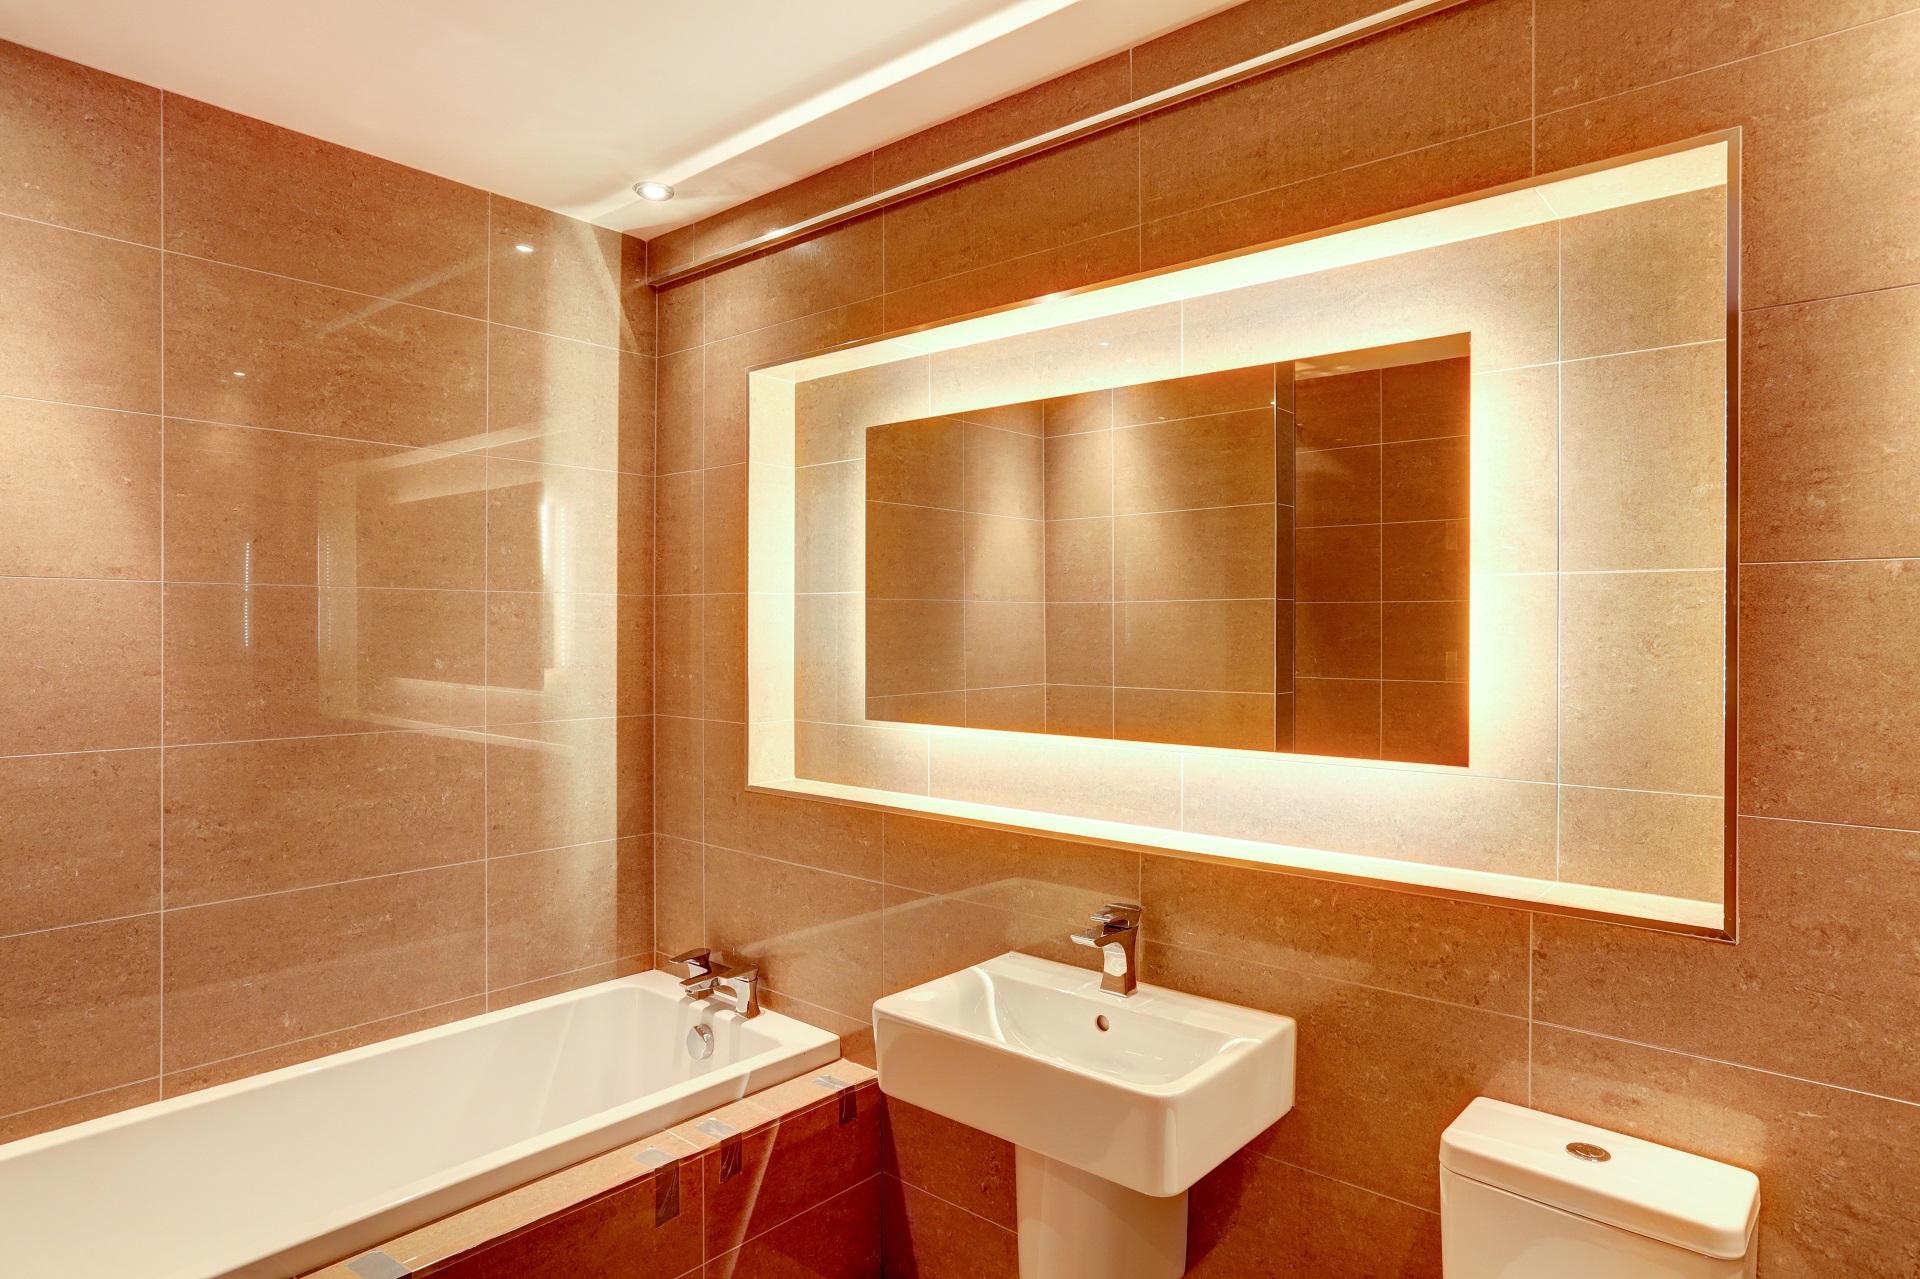 illuminated bathroom mirror, the crescent, nottingham